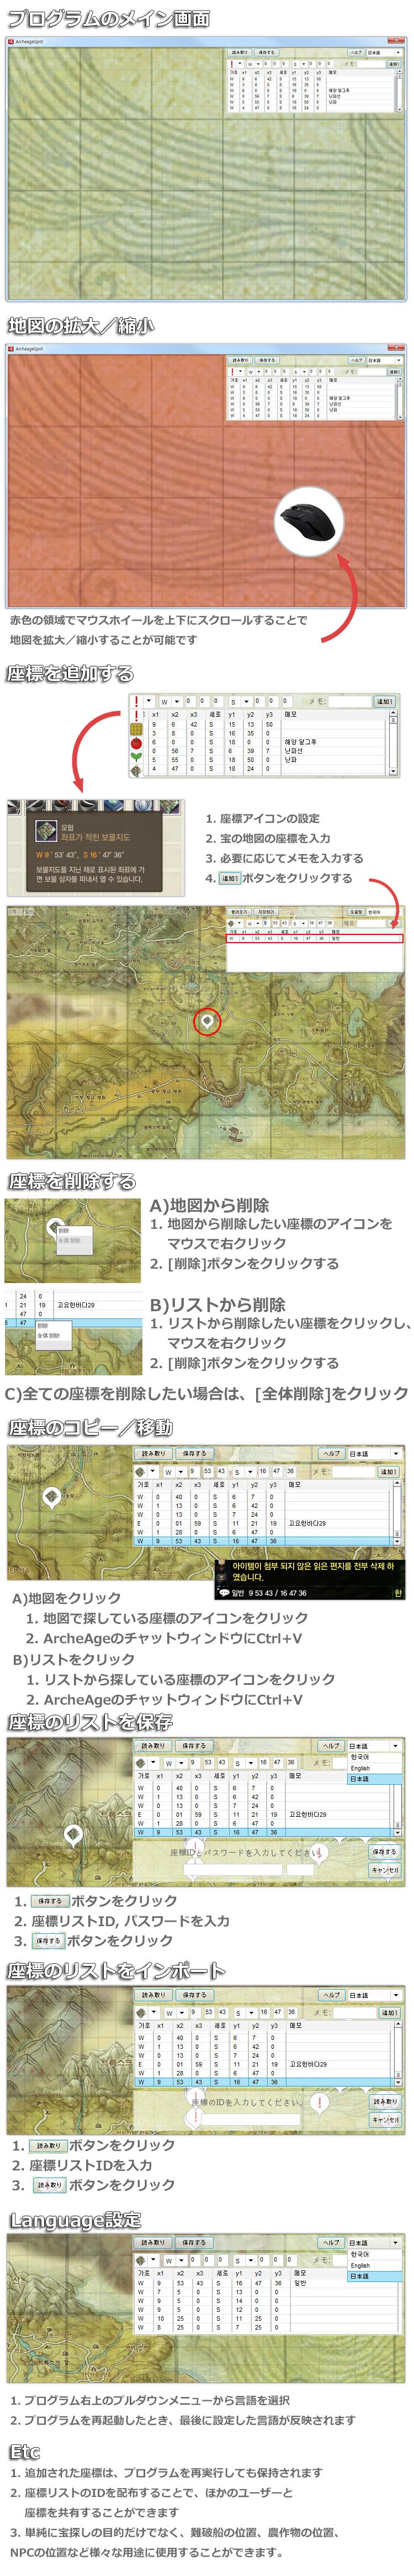 spot_jp